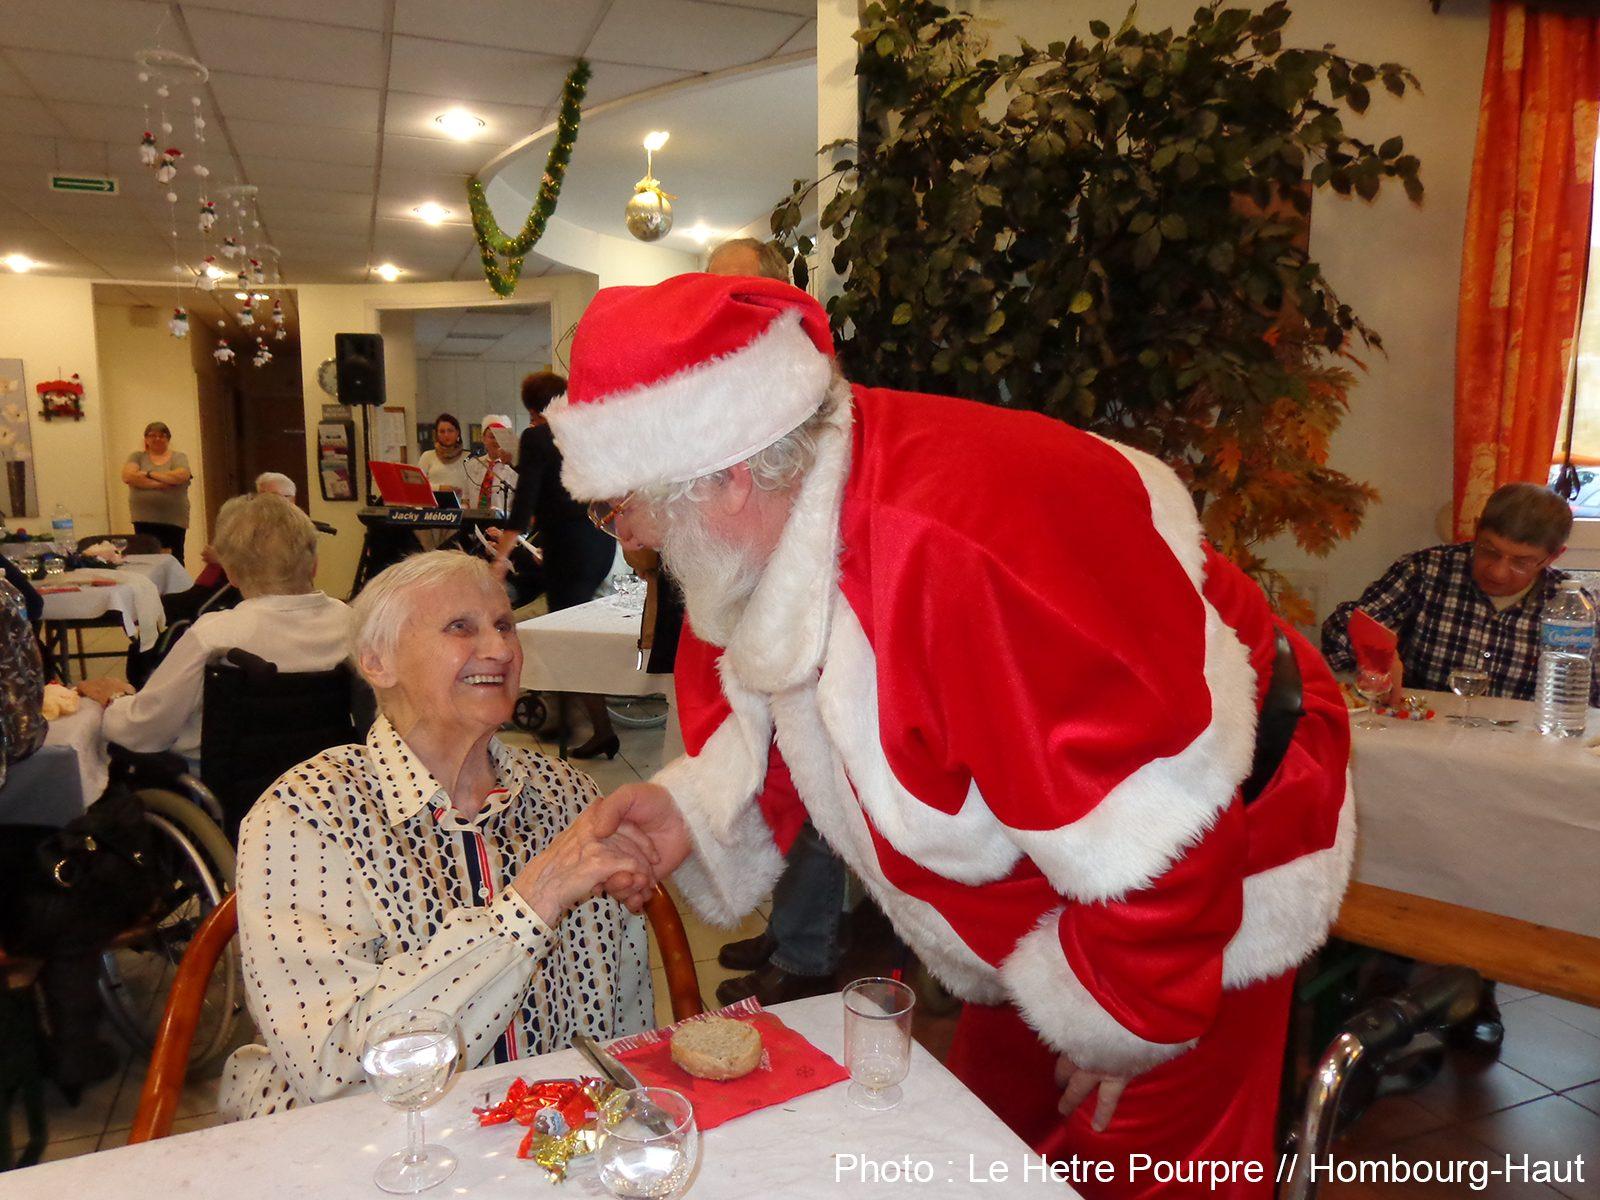 Photo of Noël en maison de retraite : festivités et bonne humeur règnent à Hombourg-Haut